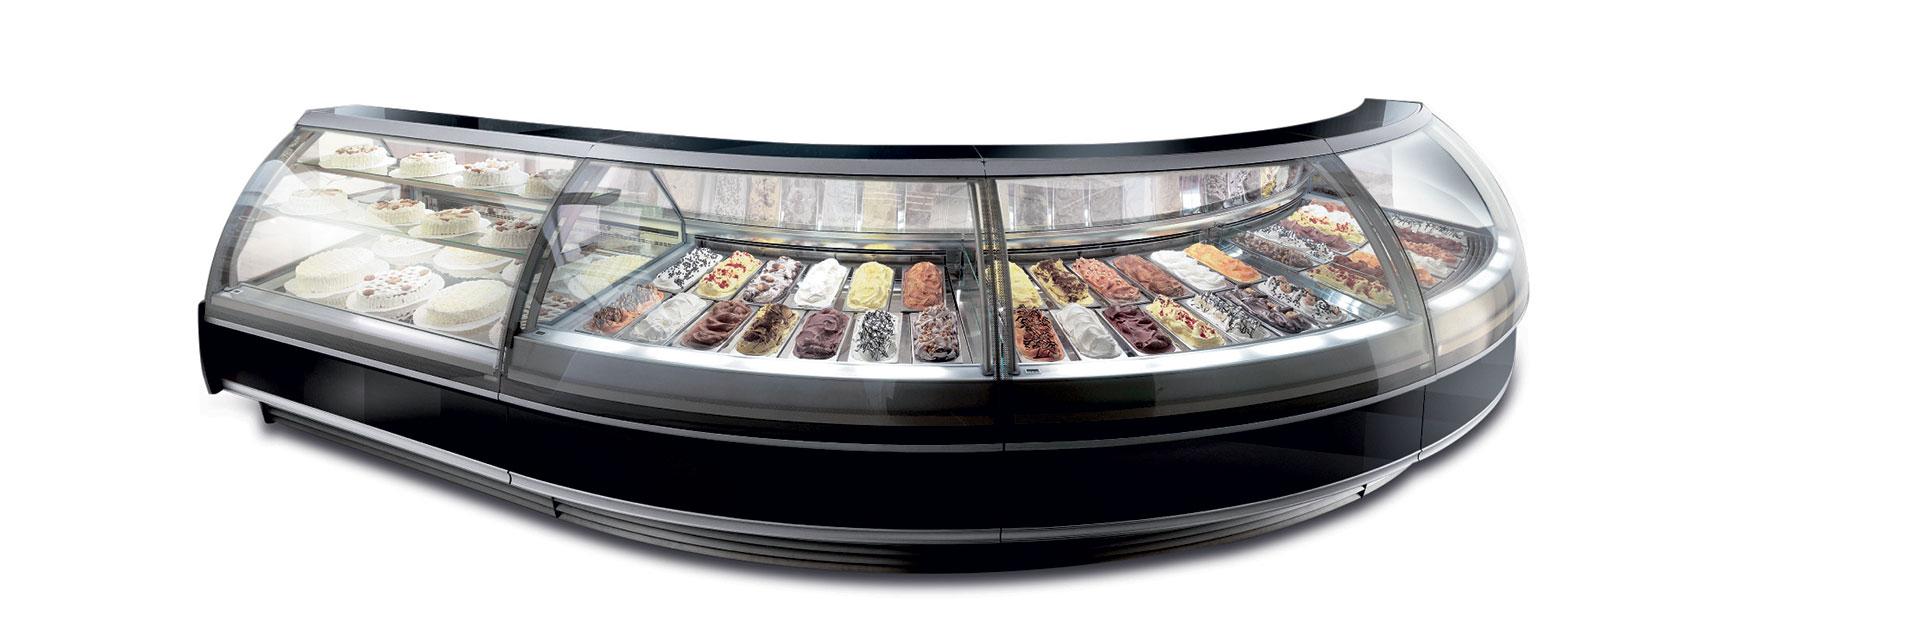 Start è una linea di Vetrine canalizzate per la pasticceria e gelateria professionale, con refrigerazione ventilata.</p> <p>